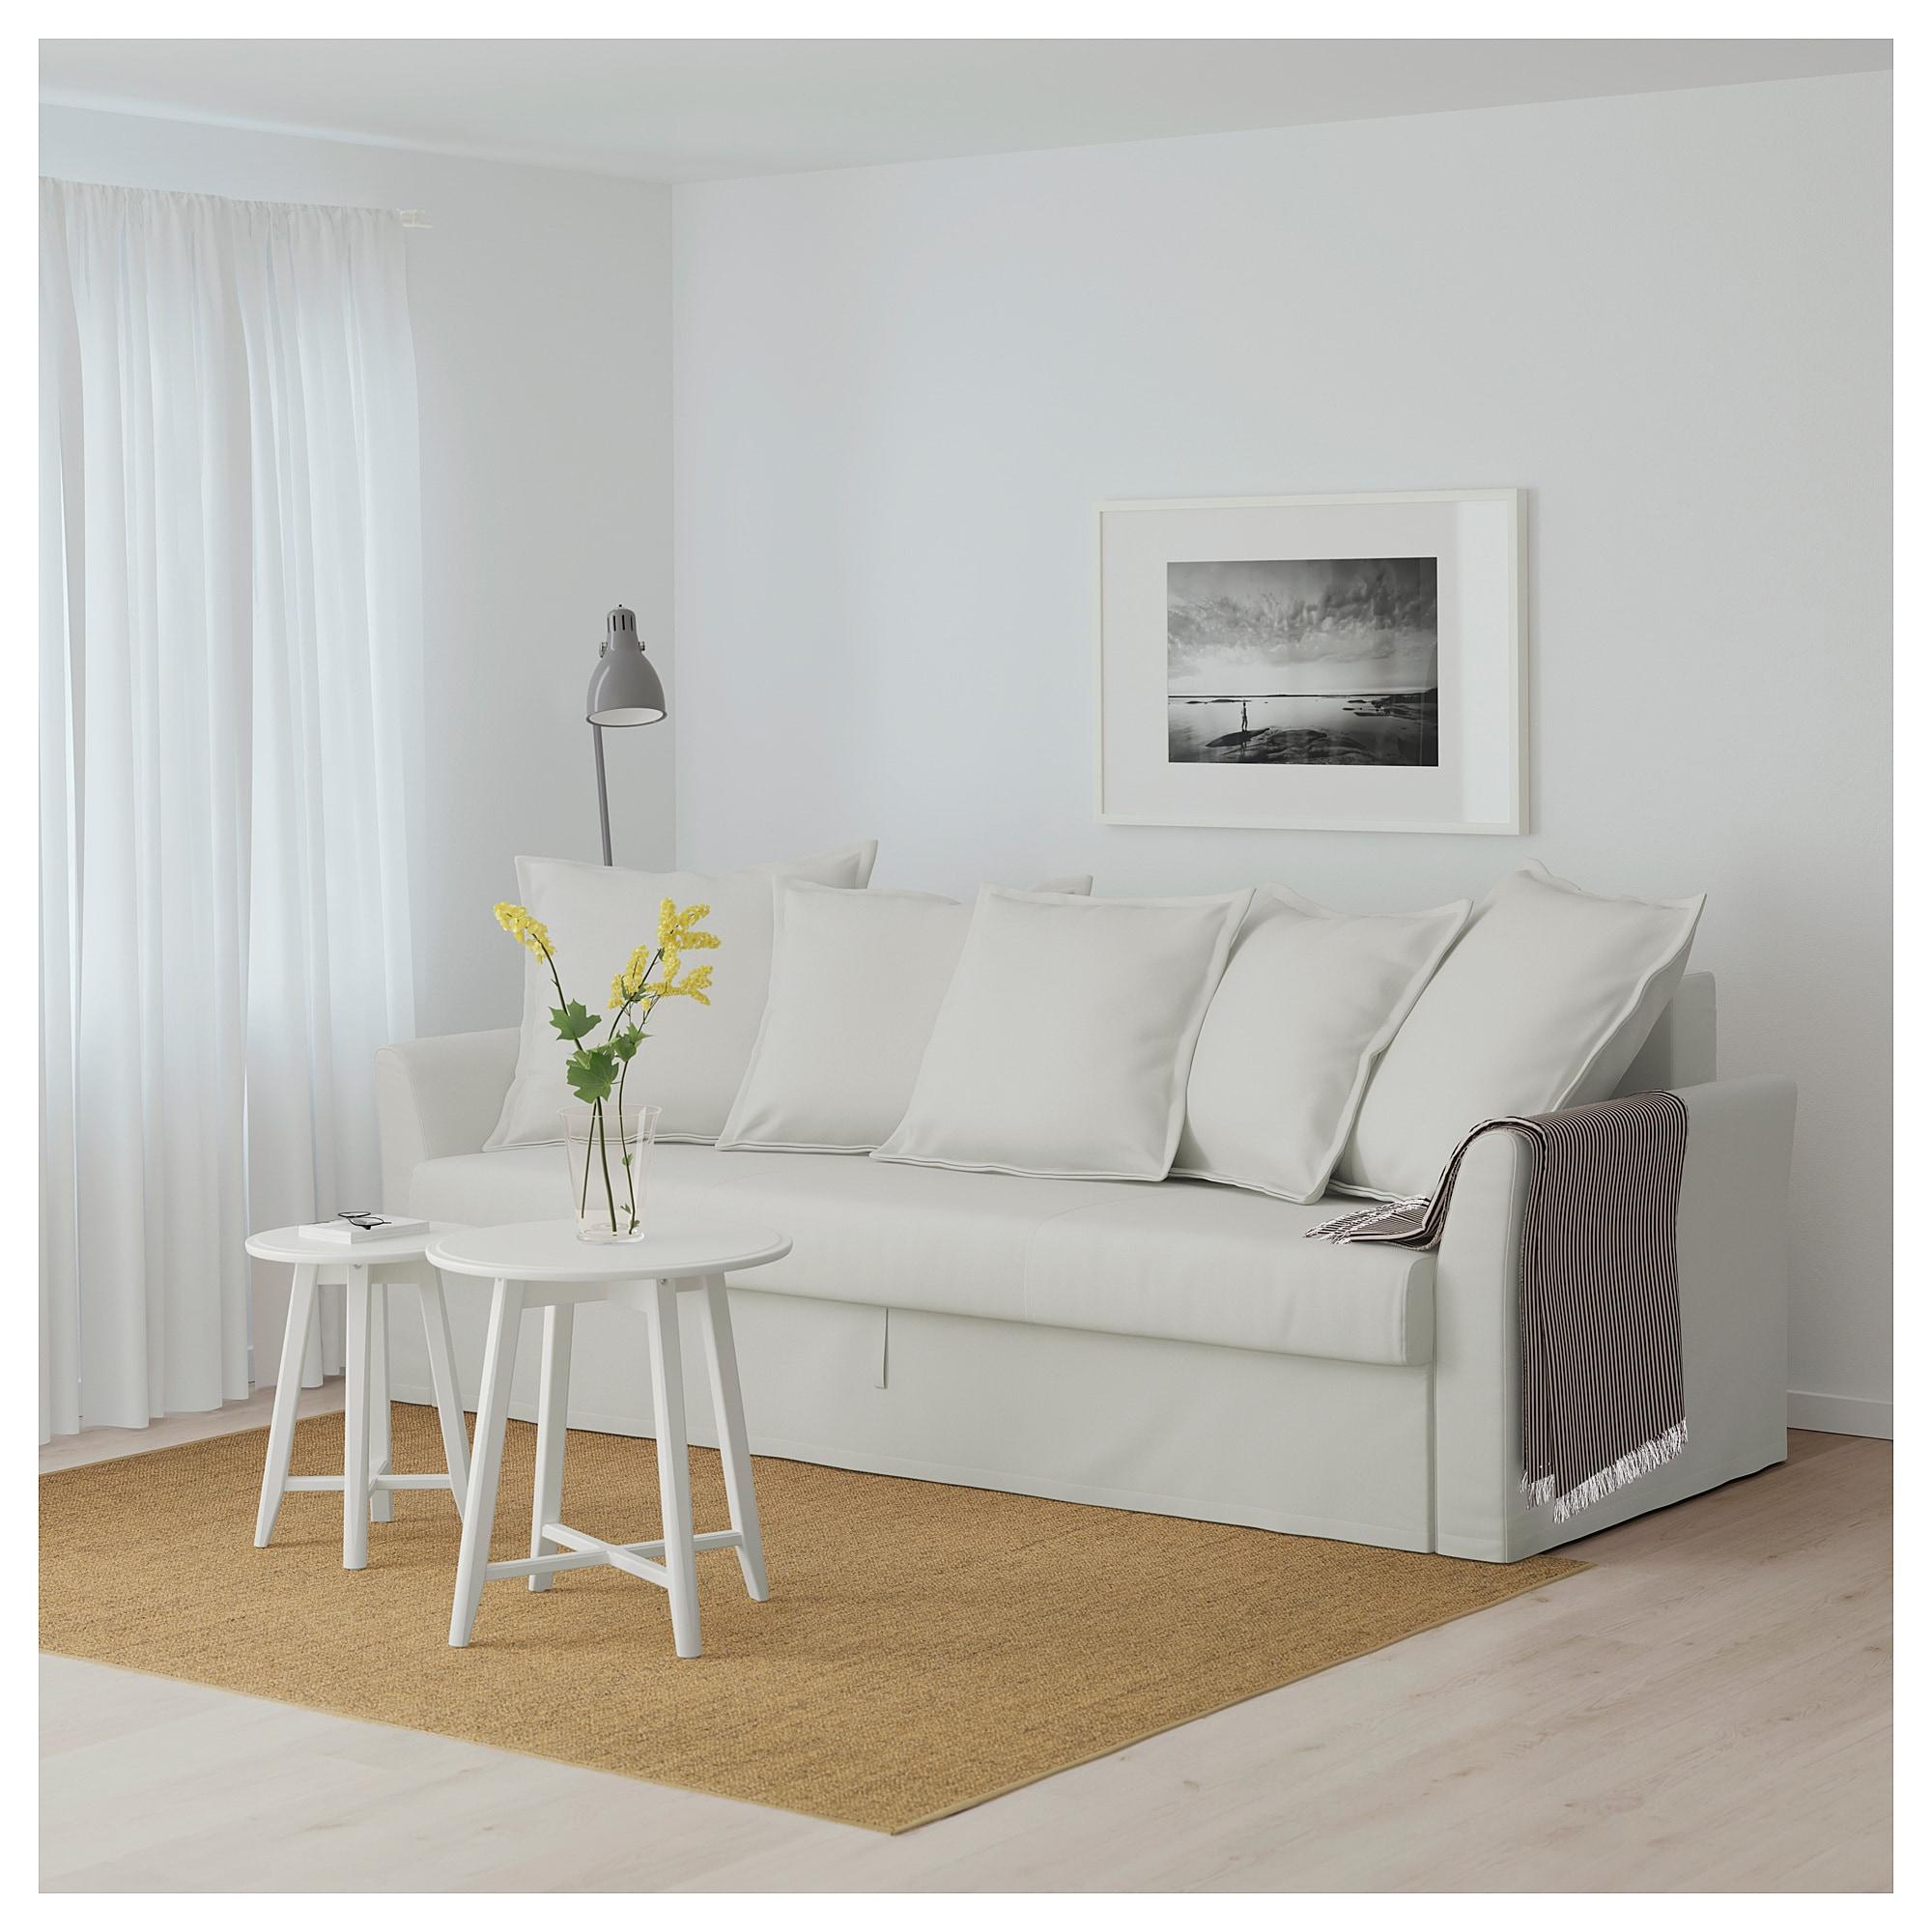 Housse Canape Ikea Ancien Modele Frais Images Holmsund Convertible 3 Places orrsta Blanc Gris Clair Ikea